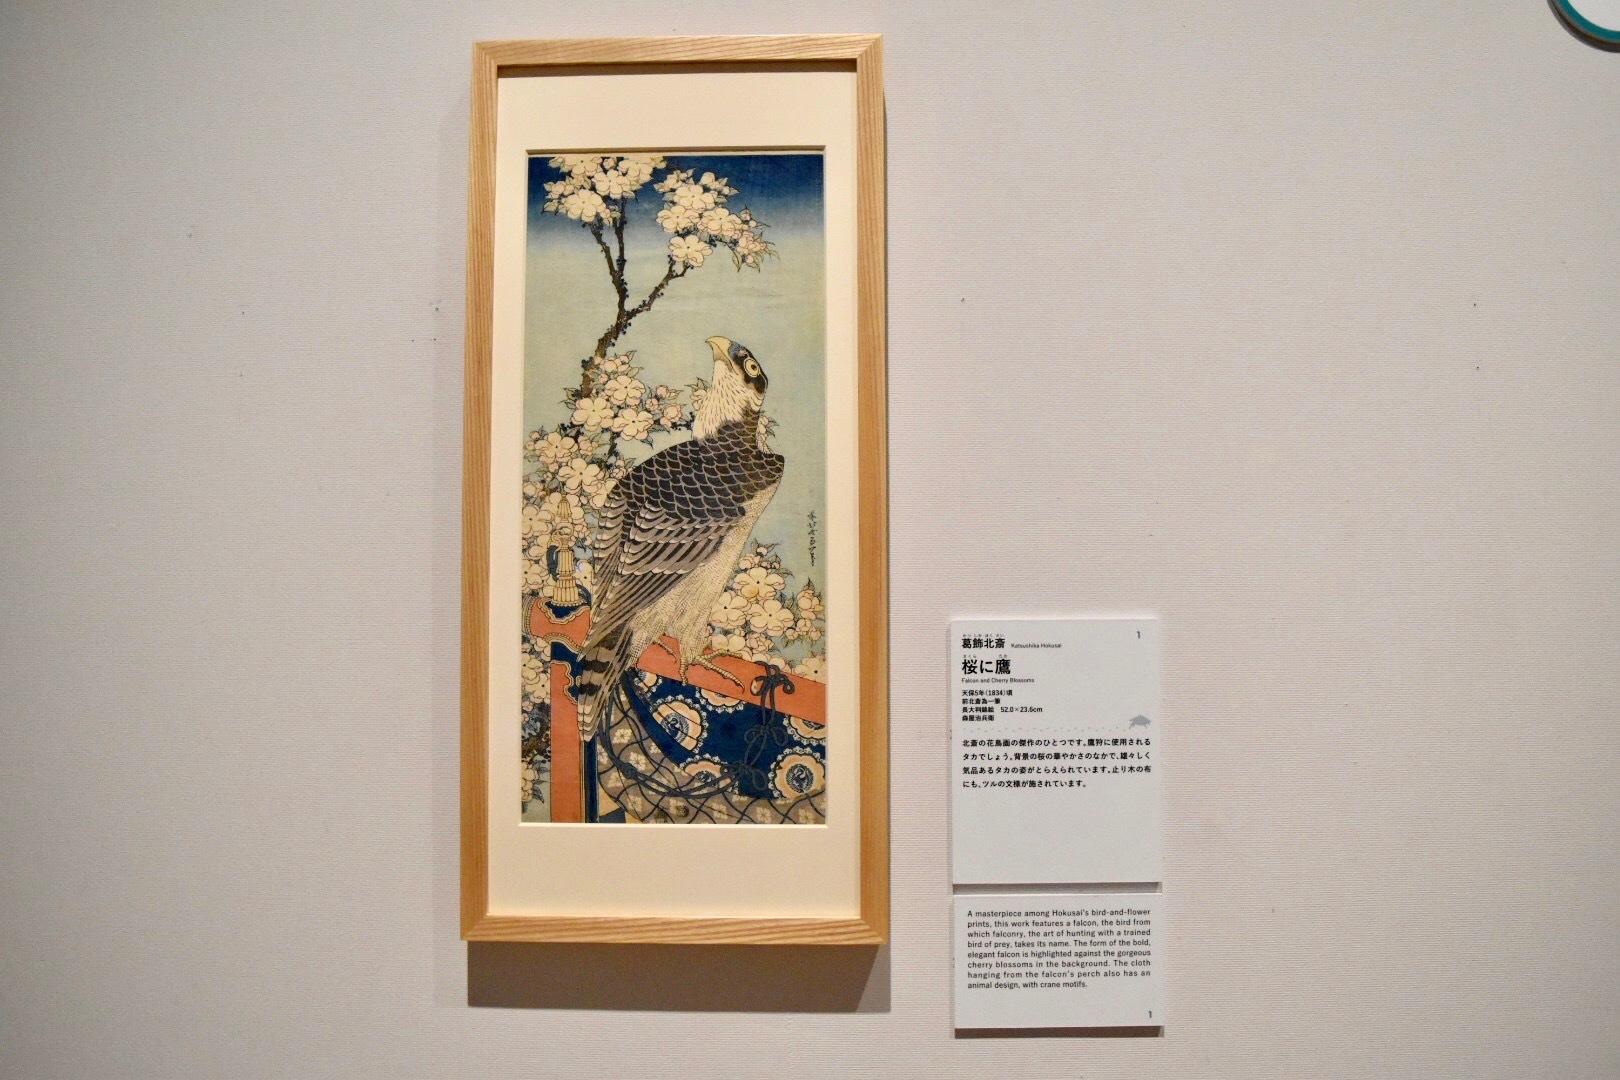 葛飾北斎 《桜に鷹》 天保5年(1834)頃 すみだ北斎美術館所蔵